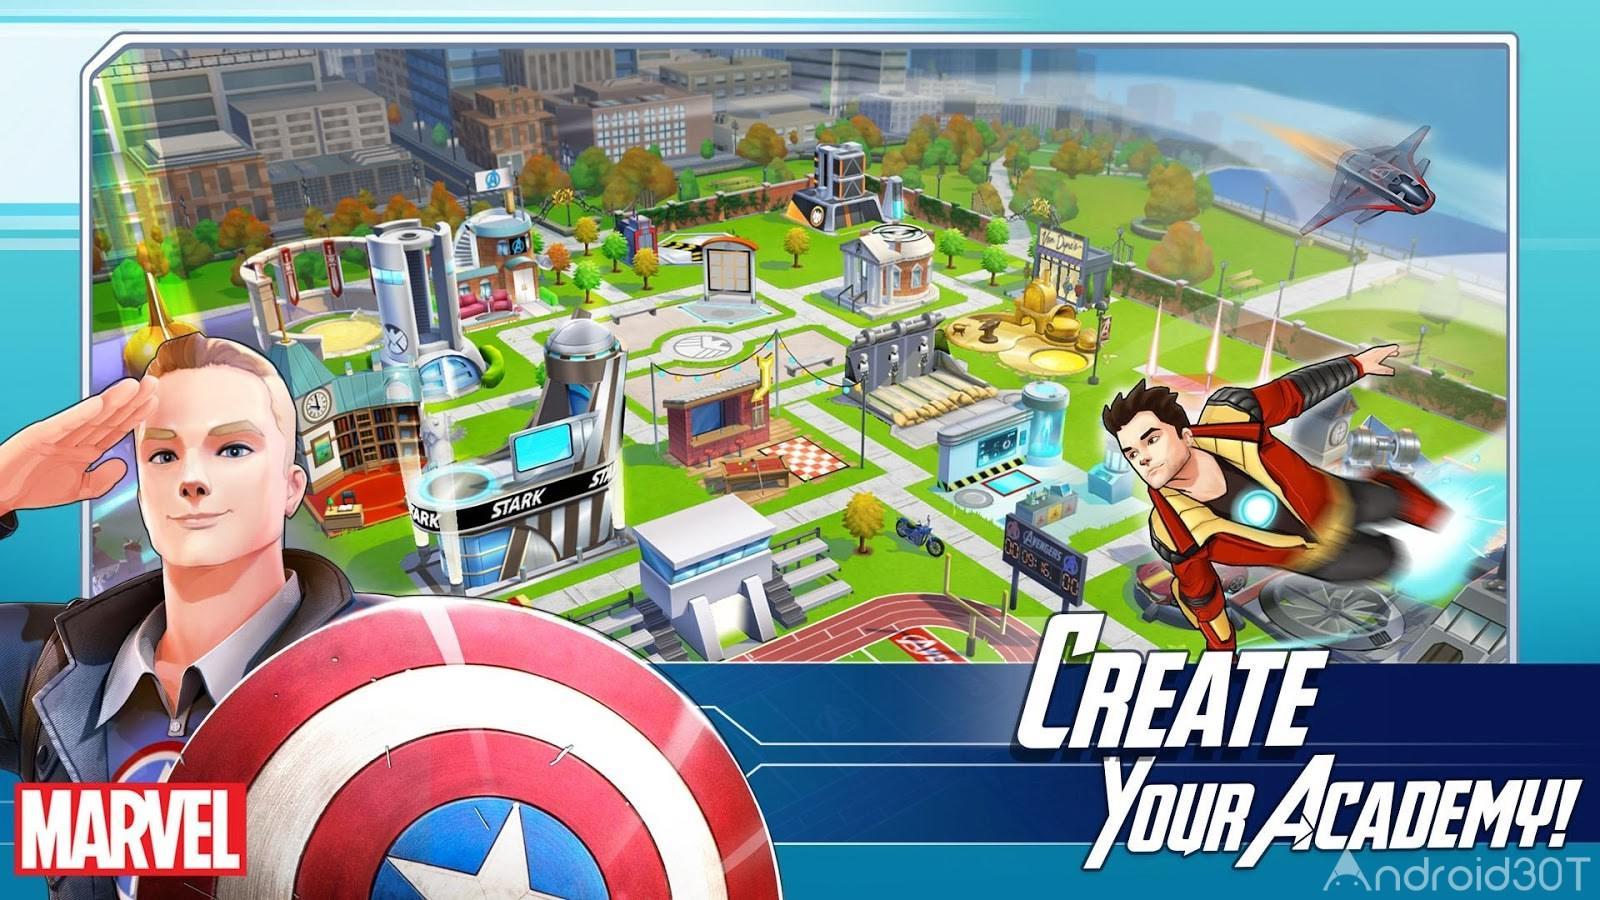 دانلود MARVEL Avengers Academy 2.15.0 – بازی انتقام جویان مارول اندروید